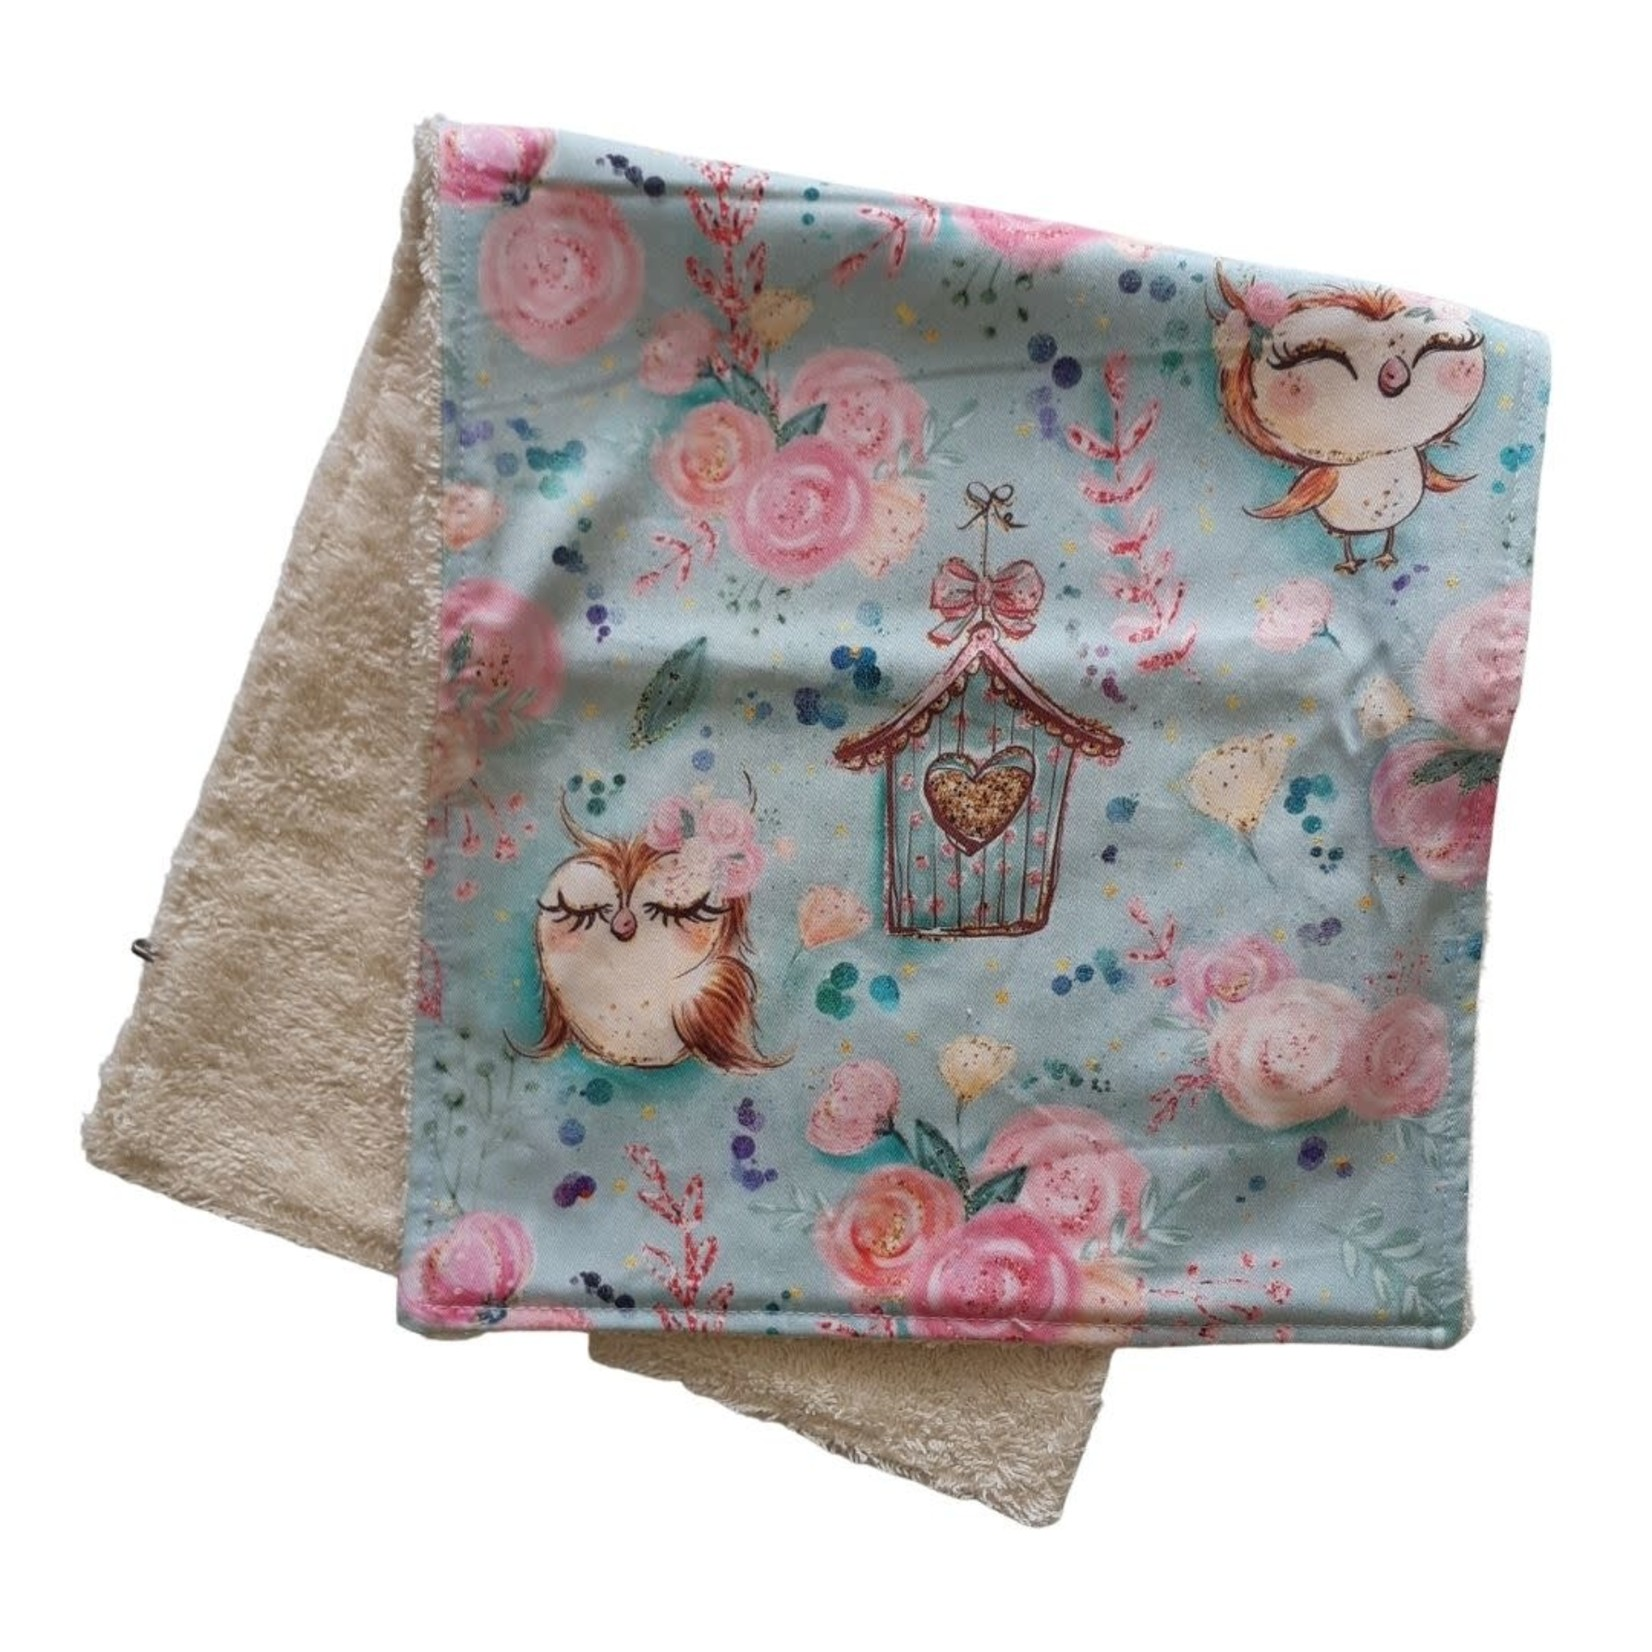 Mini Madz Mini Madz Organic Burp Cloth - Owls